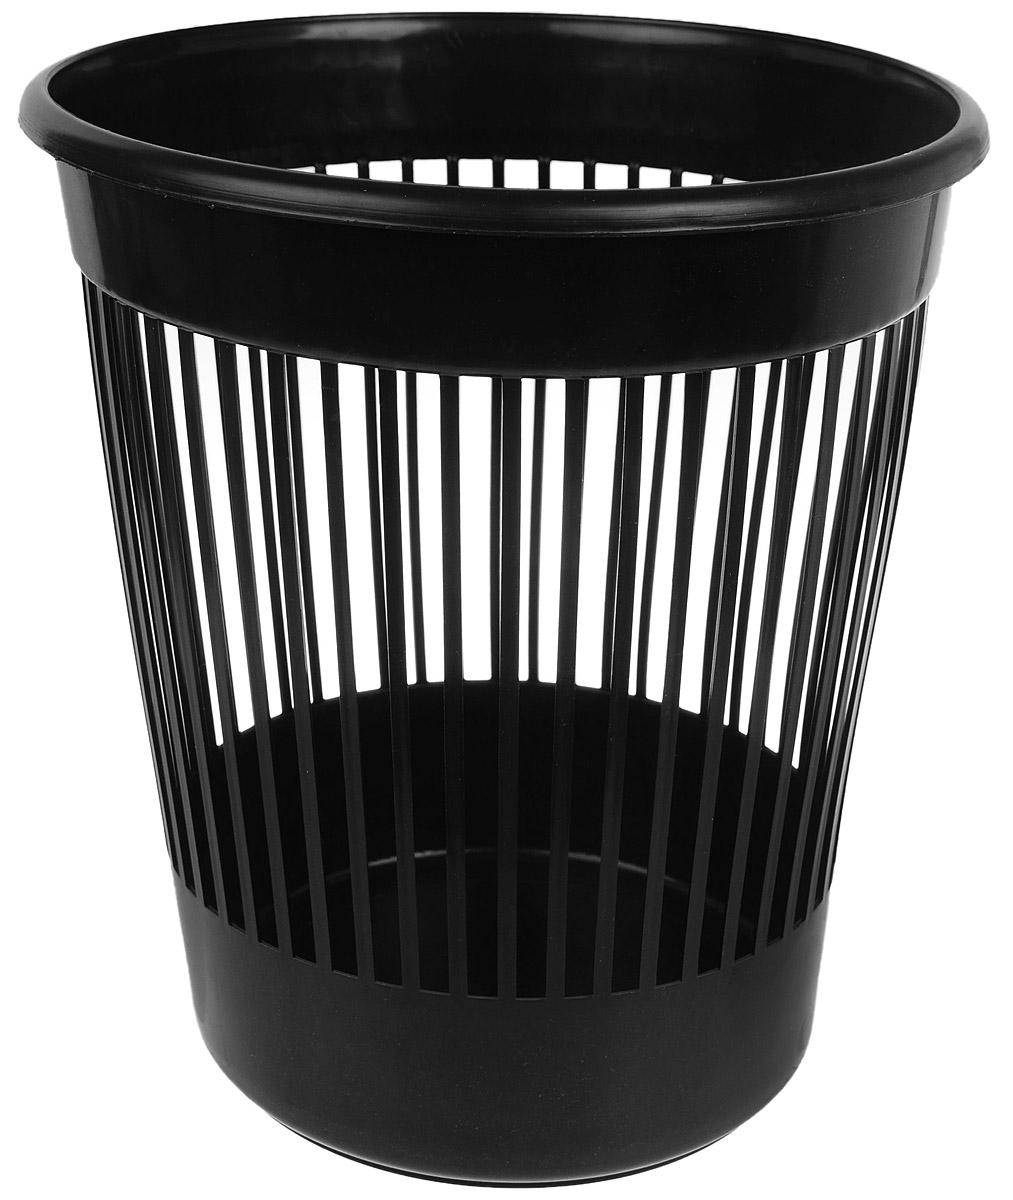 Корзина для бумаг Алеана, цвет: черный, 12 л122052_черныйКорзина Алеана, выполненная из высококачественного полипропилена, предназначена длясбора мелкого мусора и бумаг. Стенки изделия с перфорацией. Такая корзина поможет содержать ваше рабочееместо в порядке, а лаконичный дизайн отлично впишется в любой интерьер дома или офиса.Диаметр корзины (по верхнему краю): 28 см. Высота корзины: 30 см.